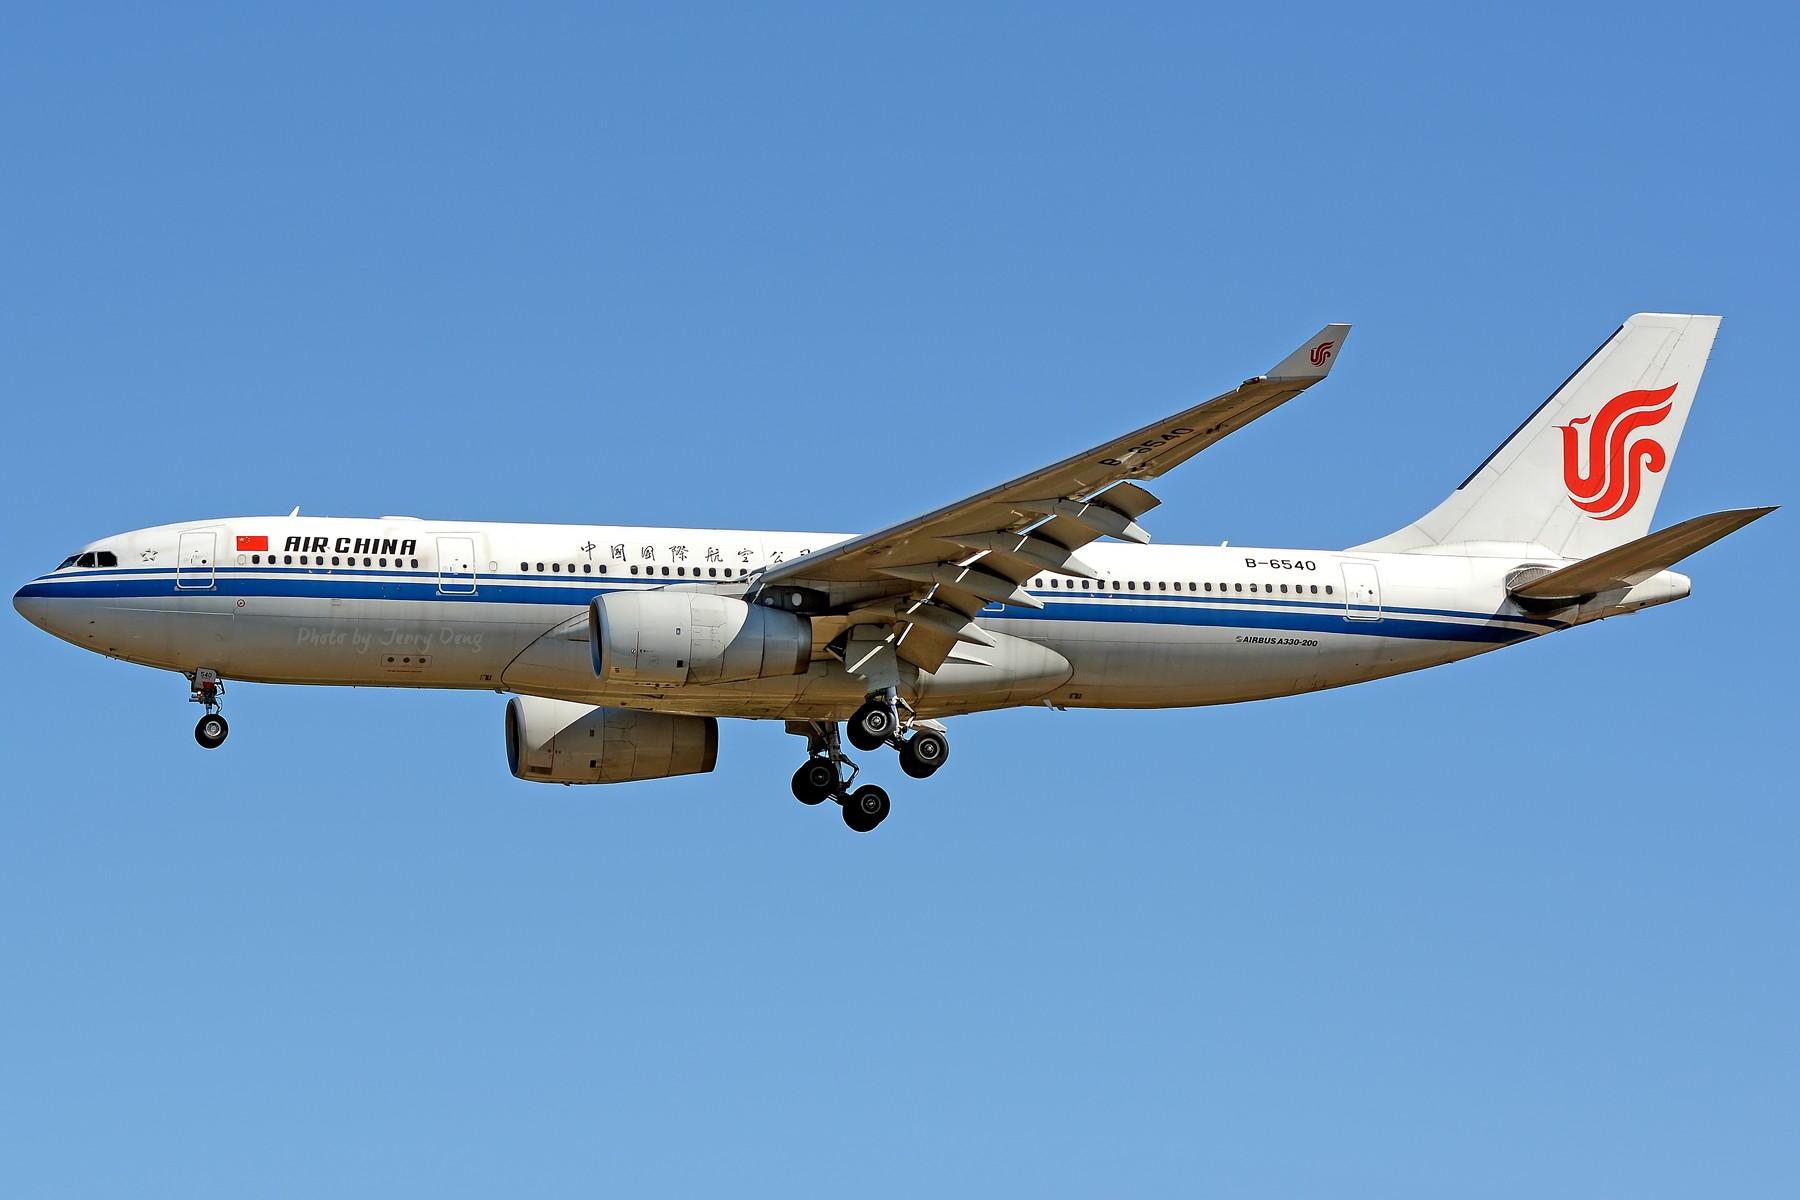 Re:[原创]【多图党】PEK落地一组国航系【2】 AIRBUS A330-200 B-6540 中国北京首都国际机场